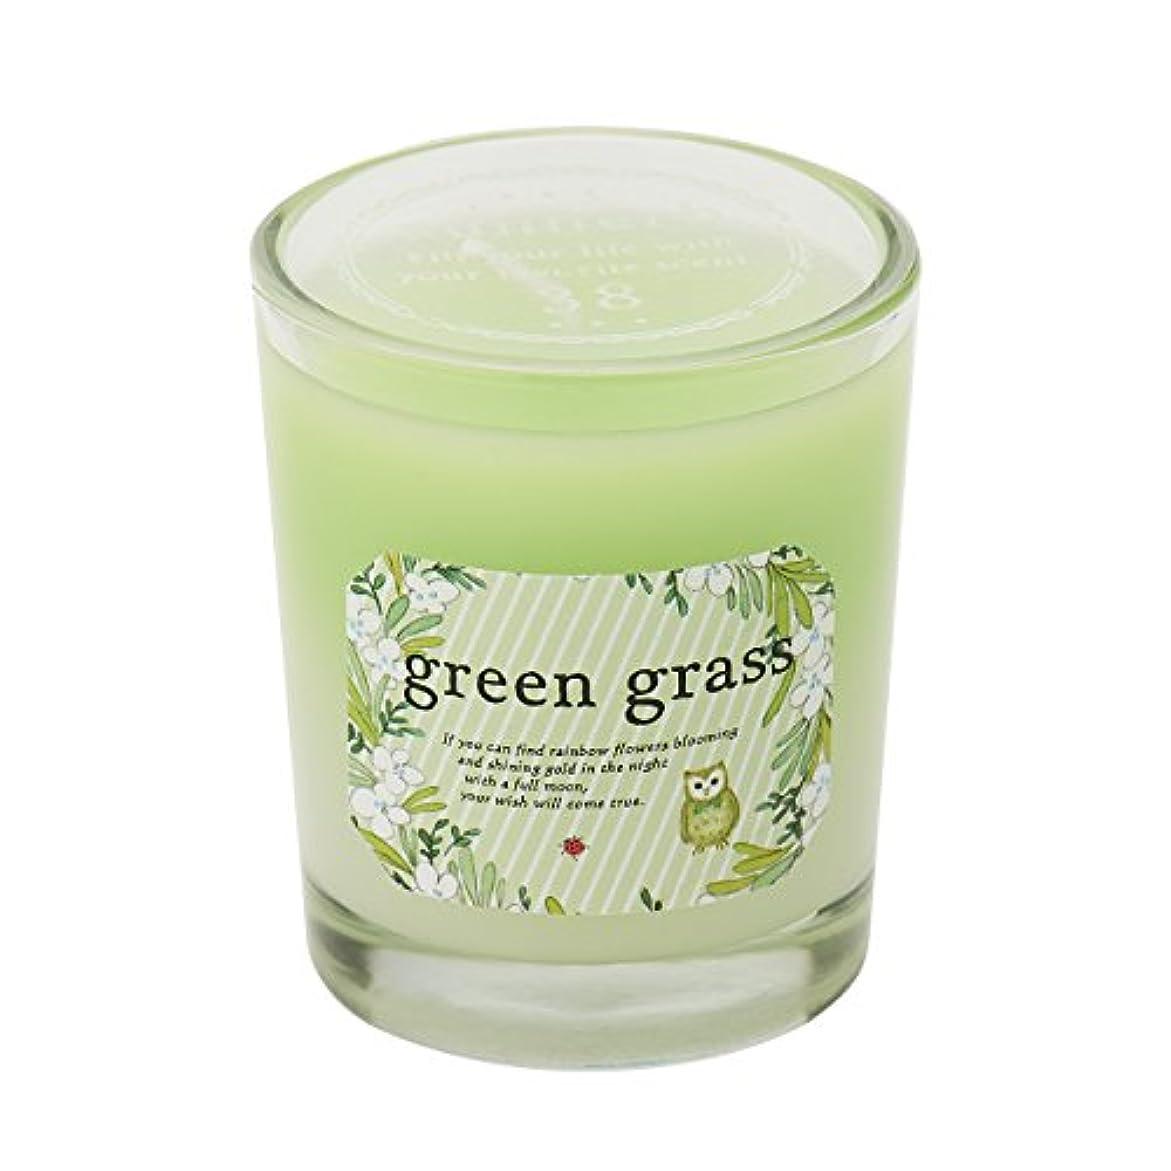 牧師悪のレバーサンハーブ グラスキャンドル グリーングラス 35g(グラデーションろうそく 燃焼時間約10時間 爽やかでちょっと大人の香り)